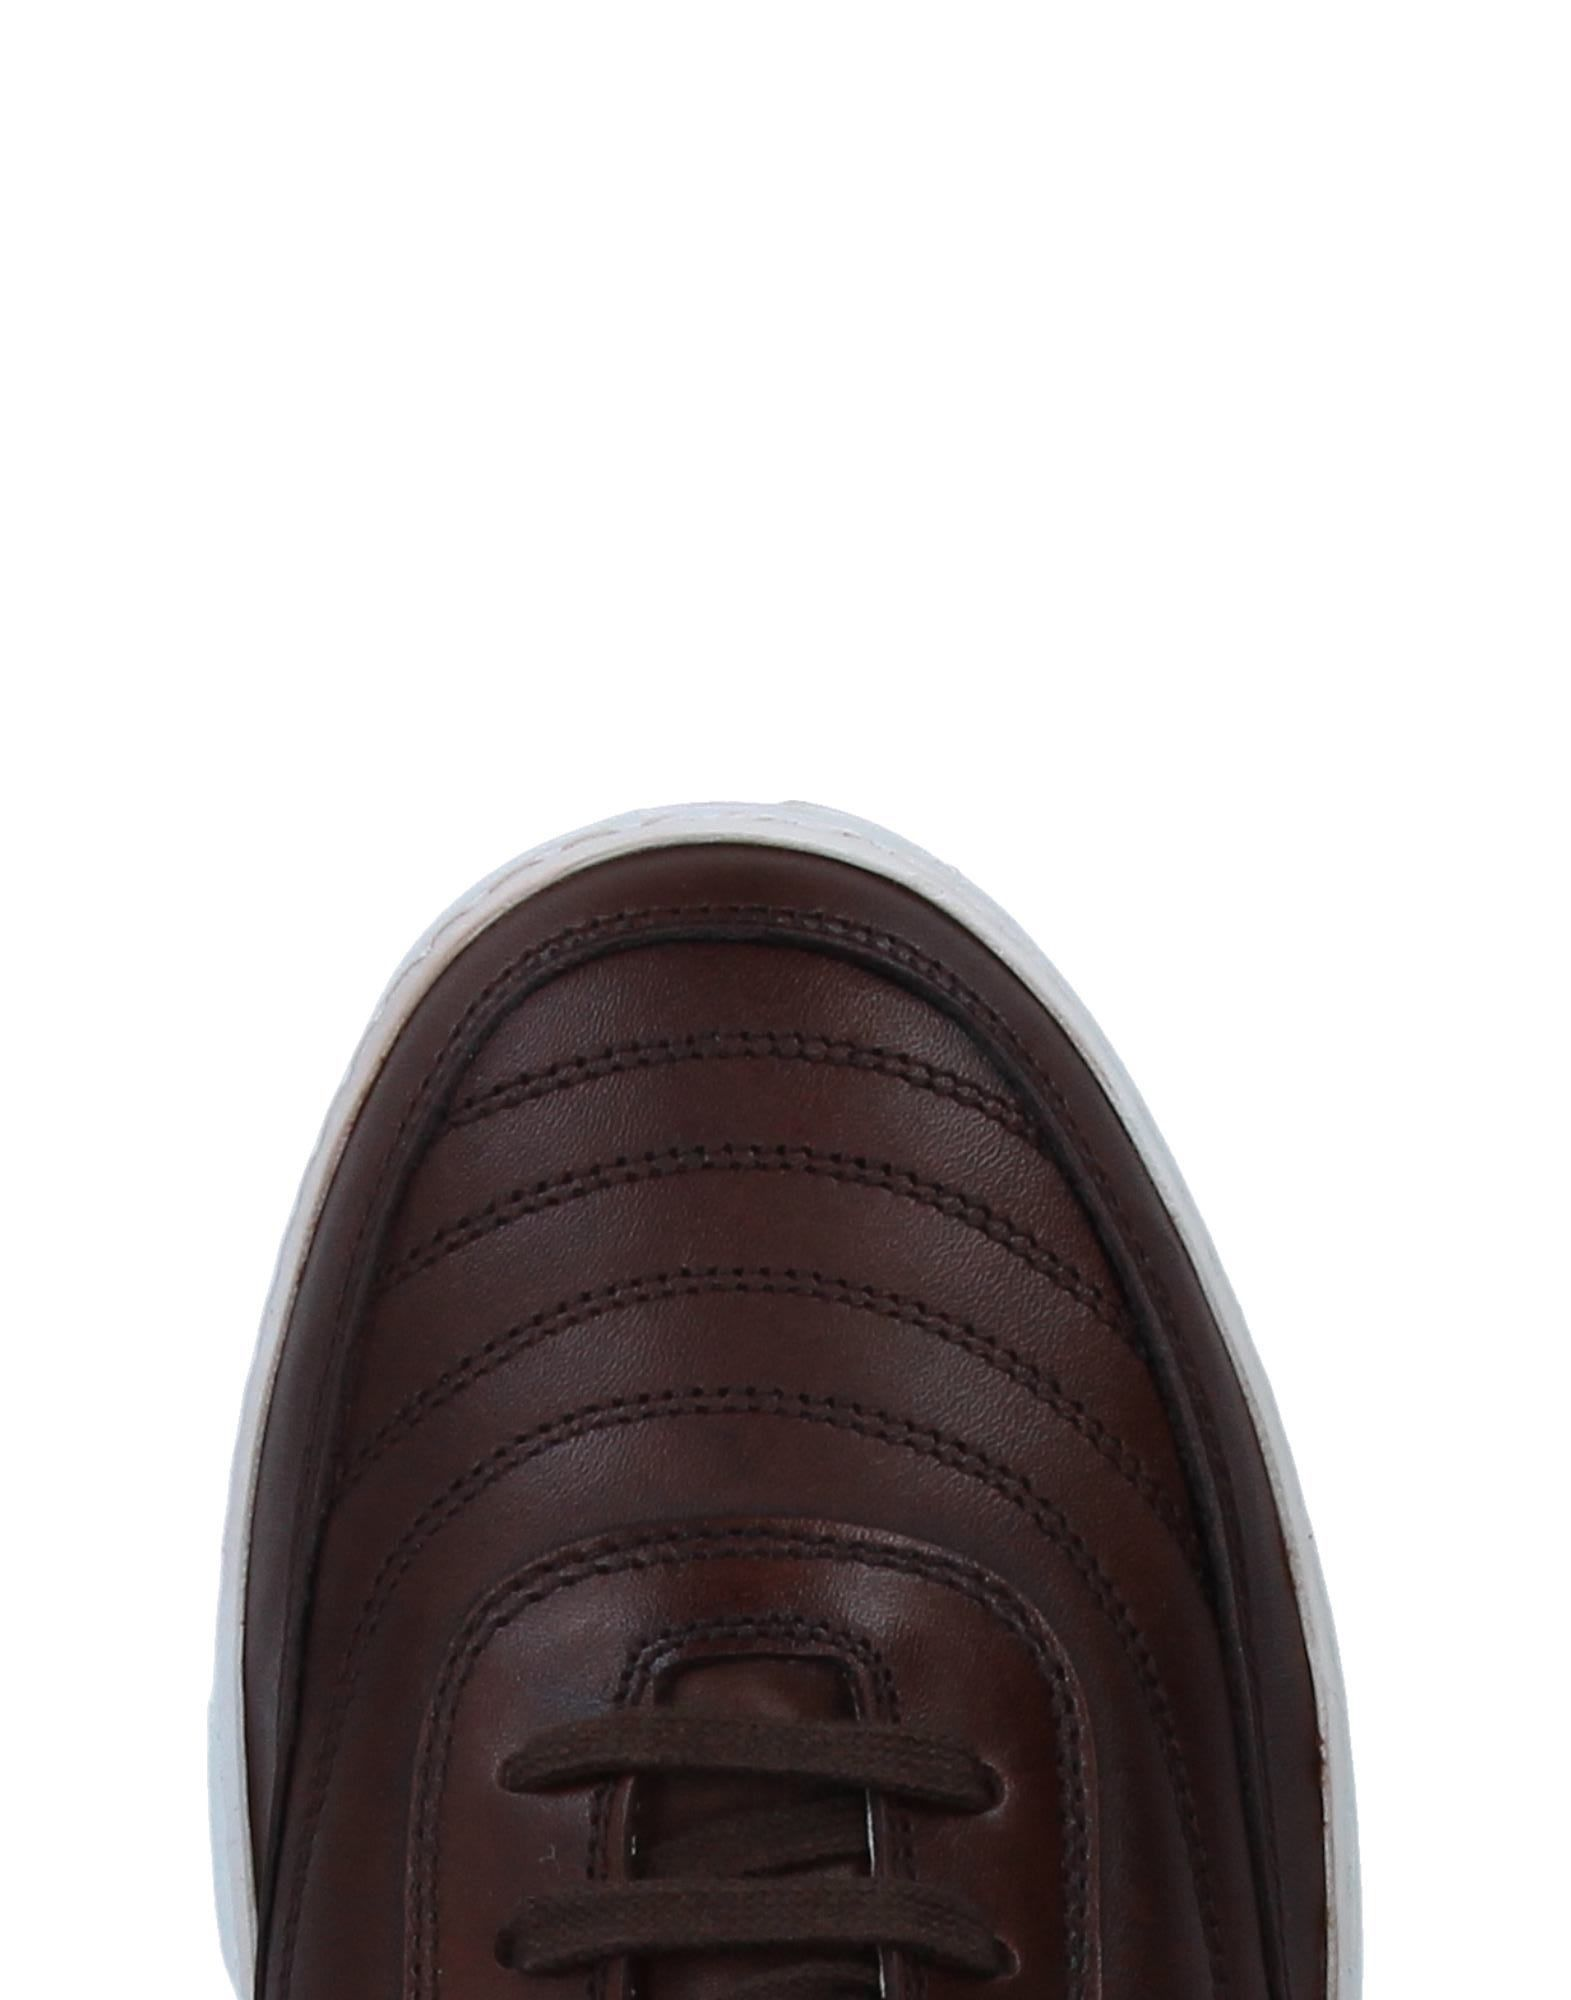 Pantofola D'oro D'oro Pantofola Sneakers Herren  11338627SM Neue Schuhe 77cbd8